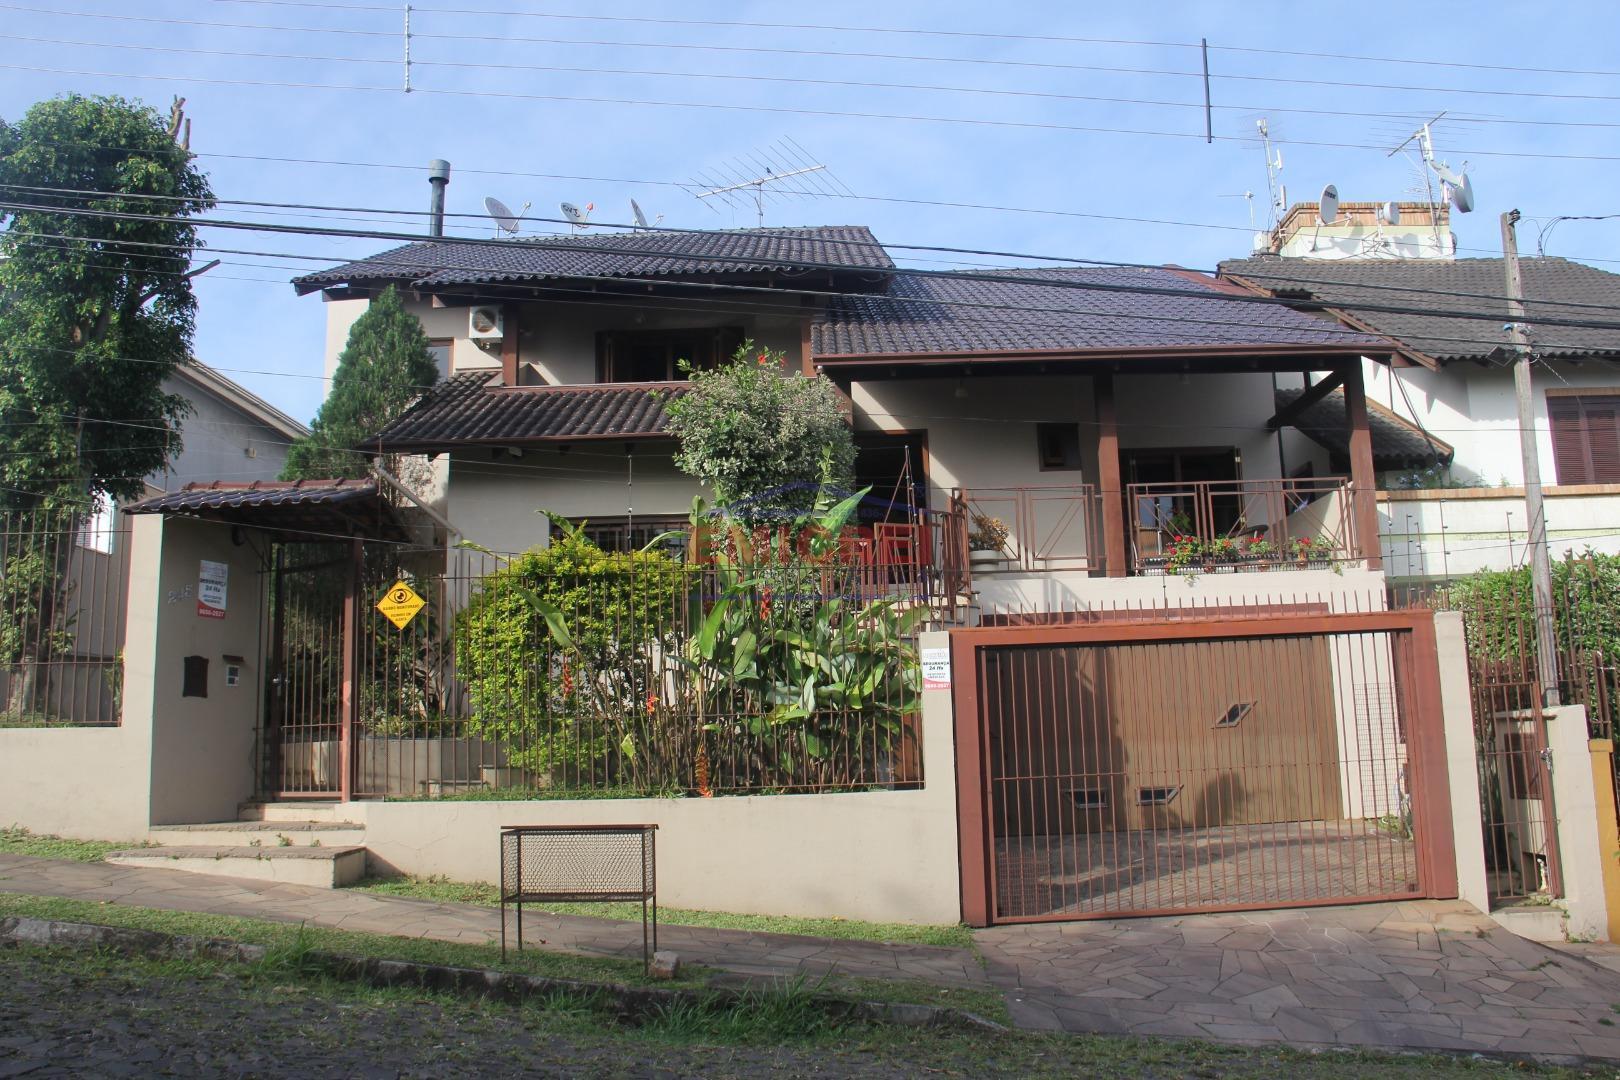 Casa/Sobrado São Leopoldo, Jardim das Acácias, 4 dormitórios (1 tipo suíte c/Hidro e sacada) 3 salas, lareira, vista panorâmica